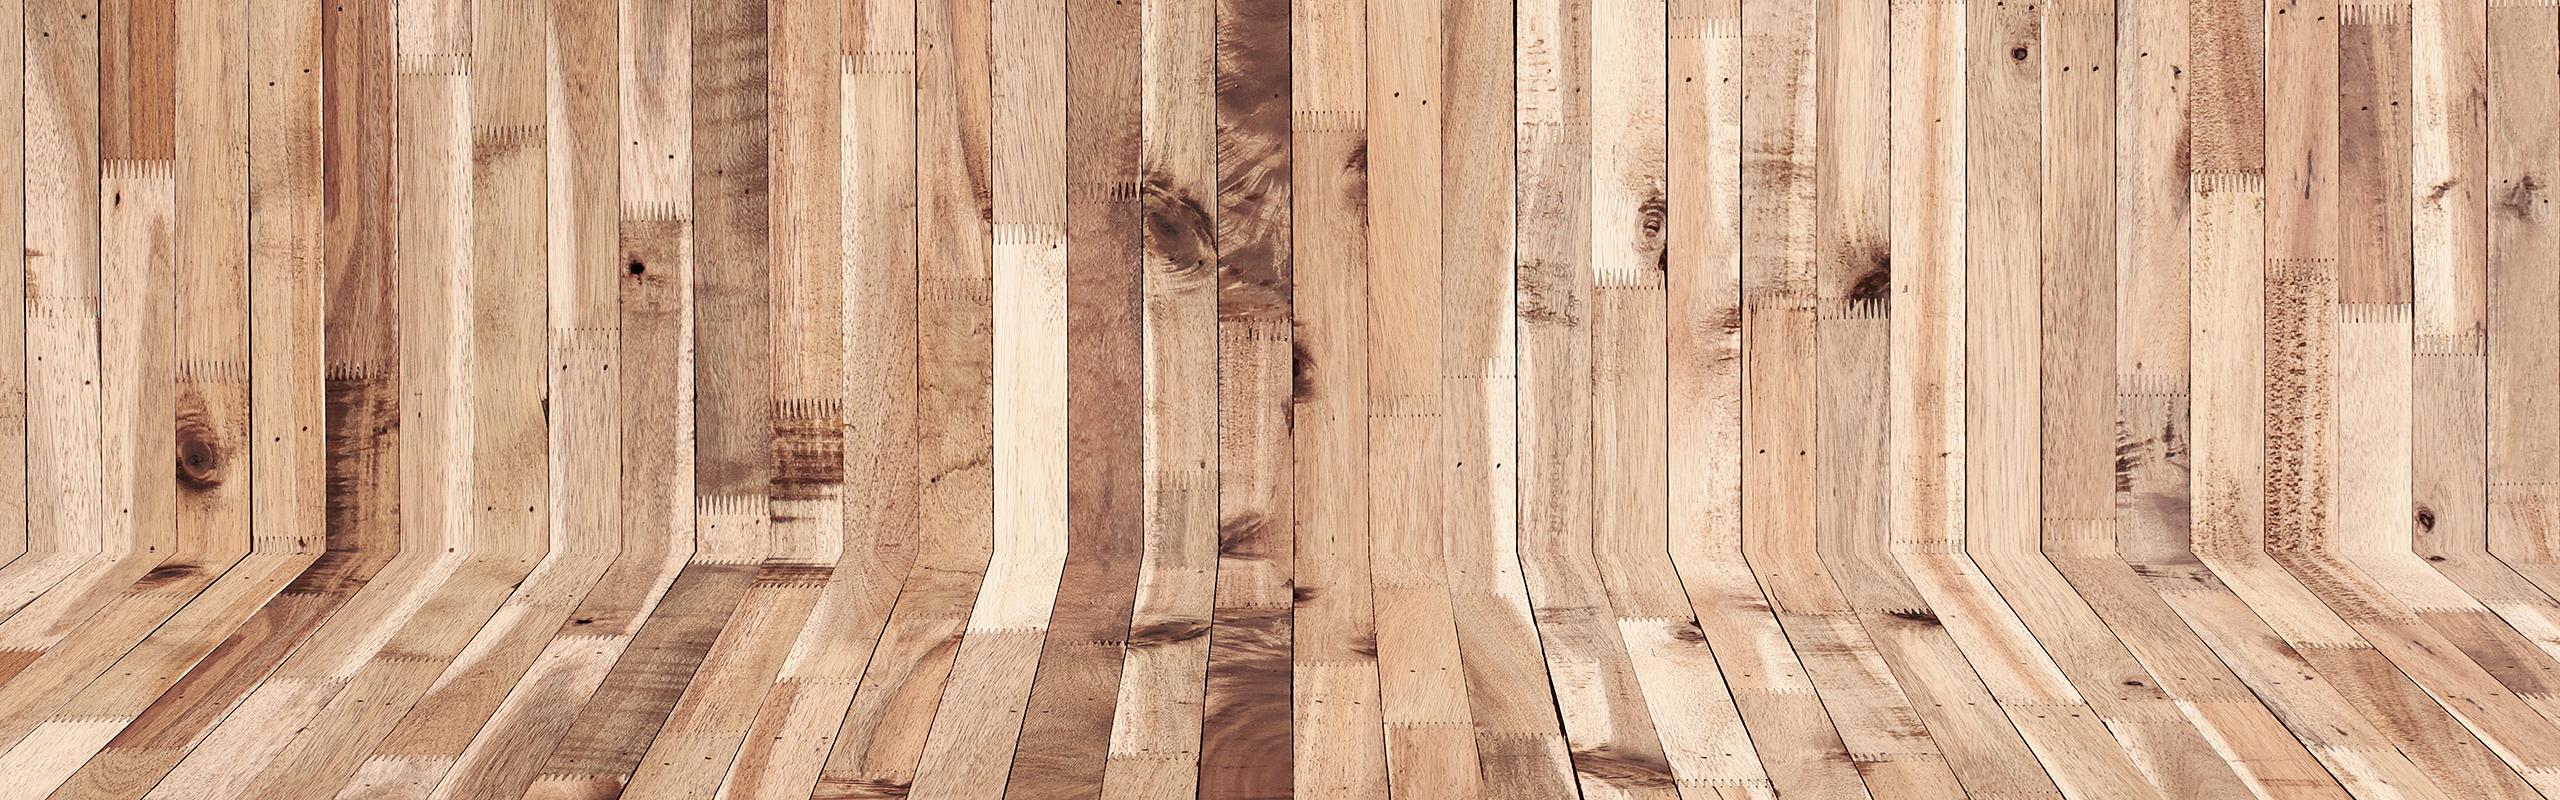 03-transformation-bois-creation-mobilier-detoutpourtout-terrebonne